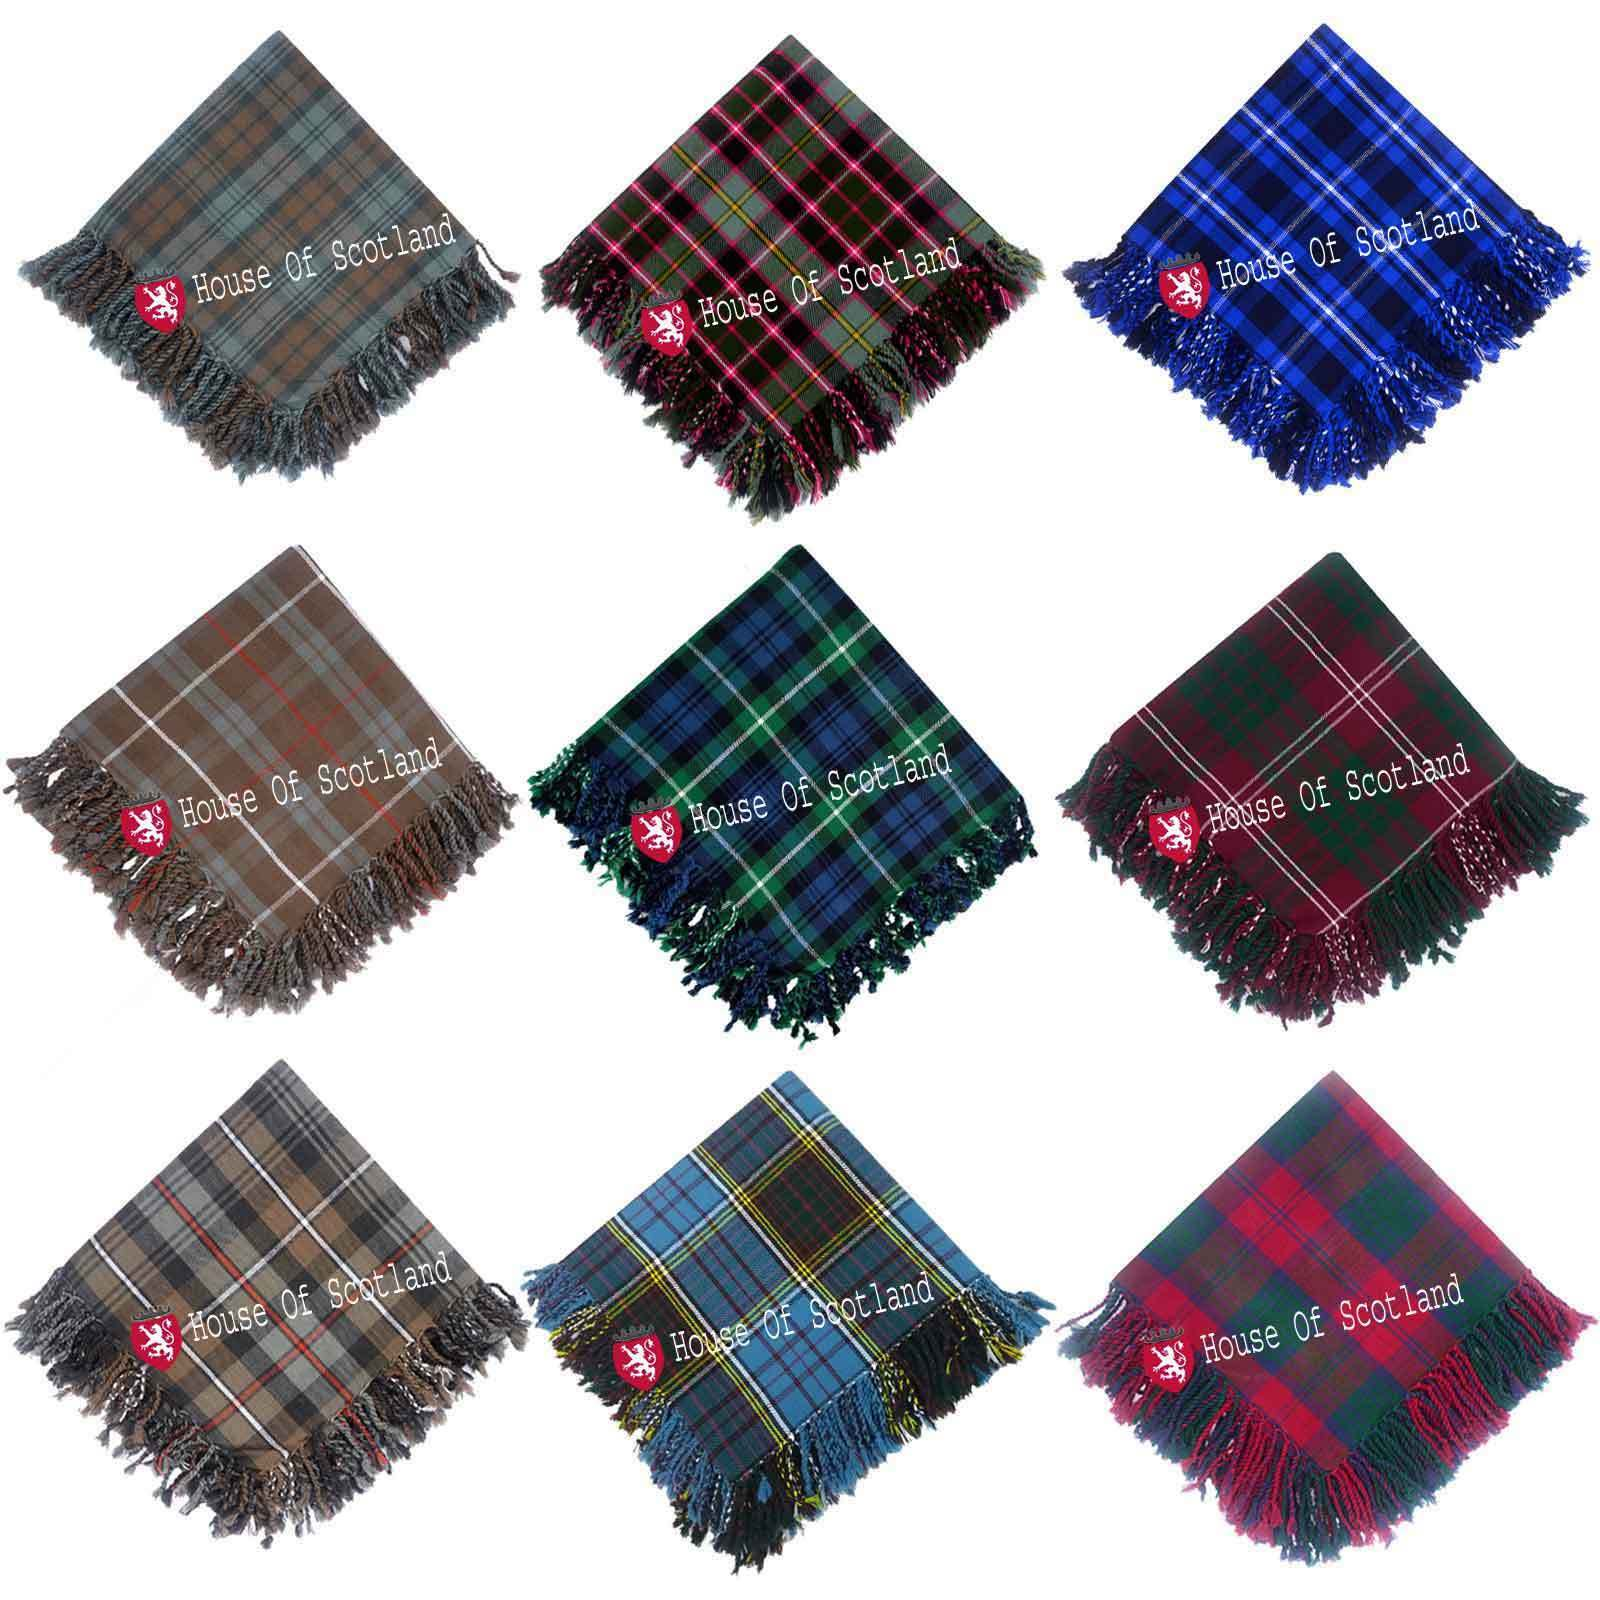 Scottish Highland Kilt Fly Plaids 48''x 48'Various Tartans Purled Fringe Acrylic